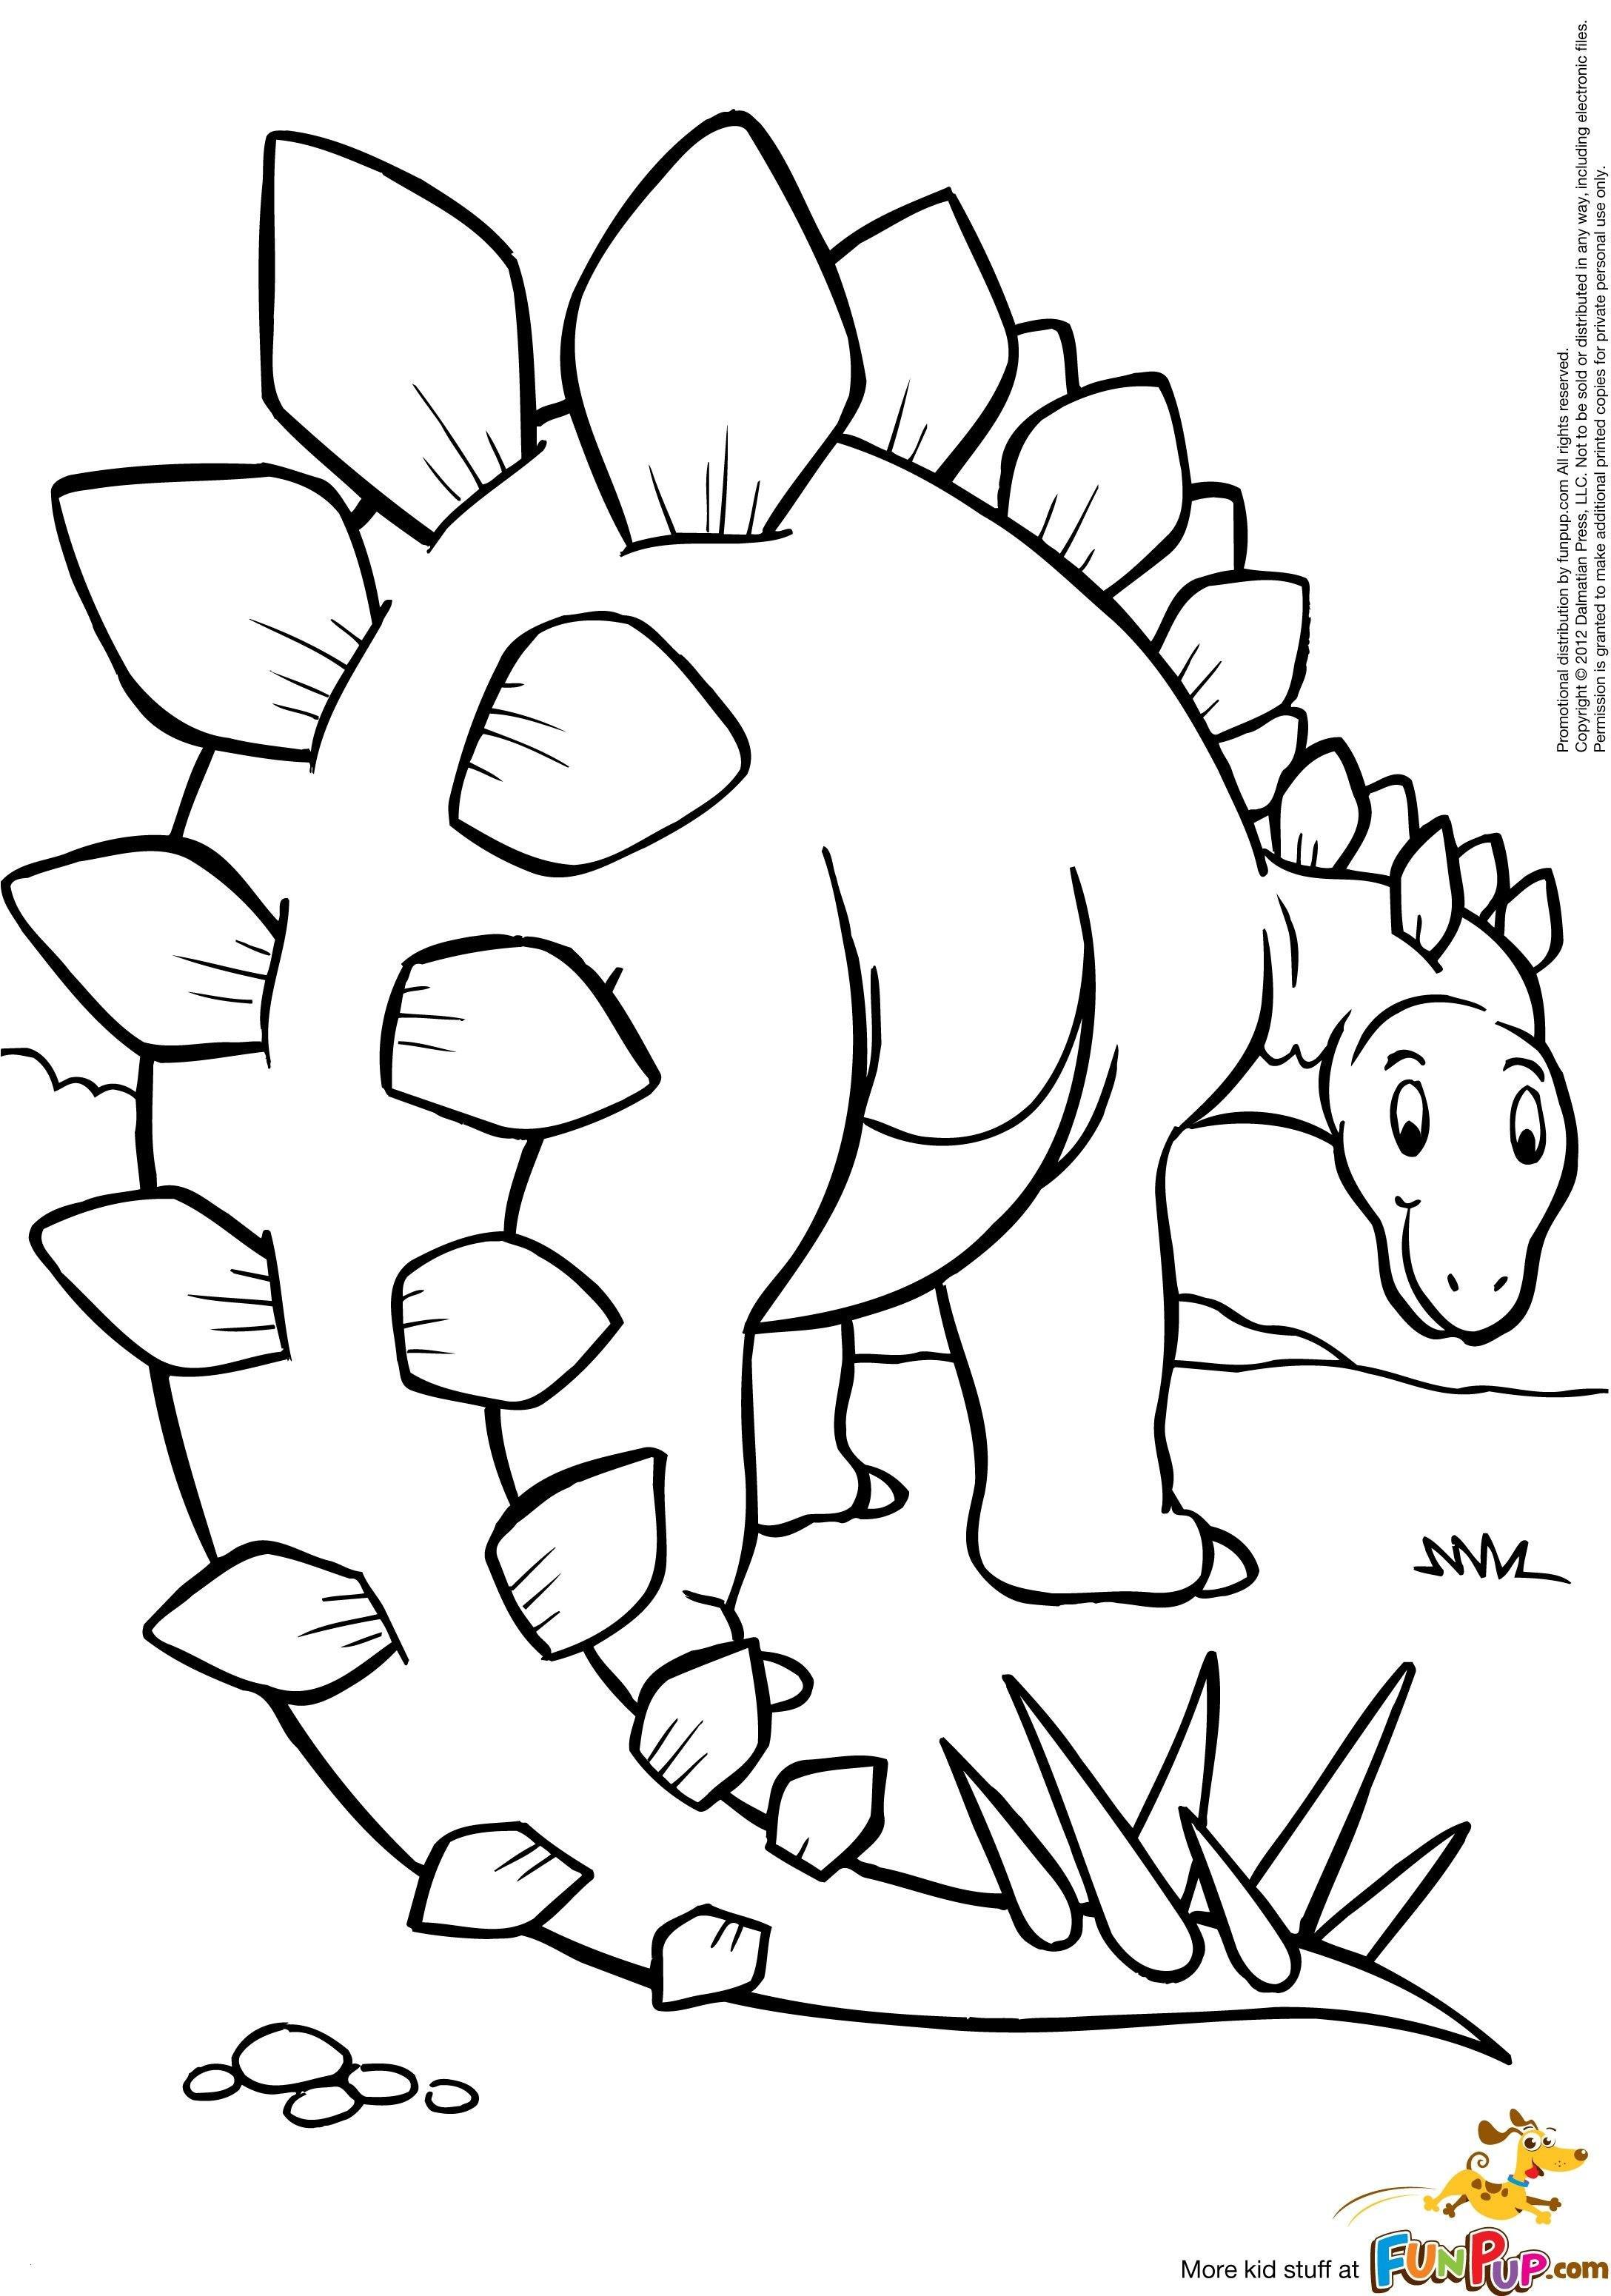 Ausmalbild T-rex Frisch Ausmalbilder T Rex Luxus Malvorlagen Buchstaben Von Az Uploadertalk Sammlung